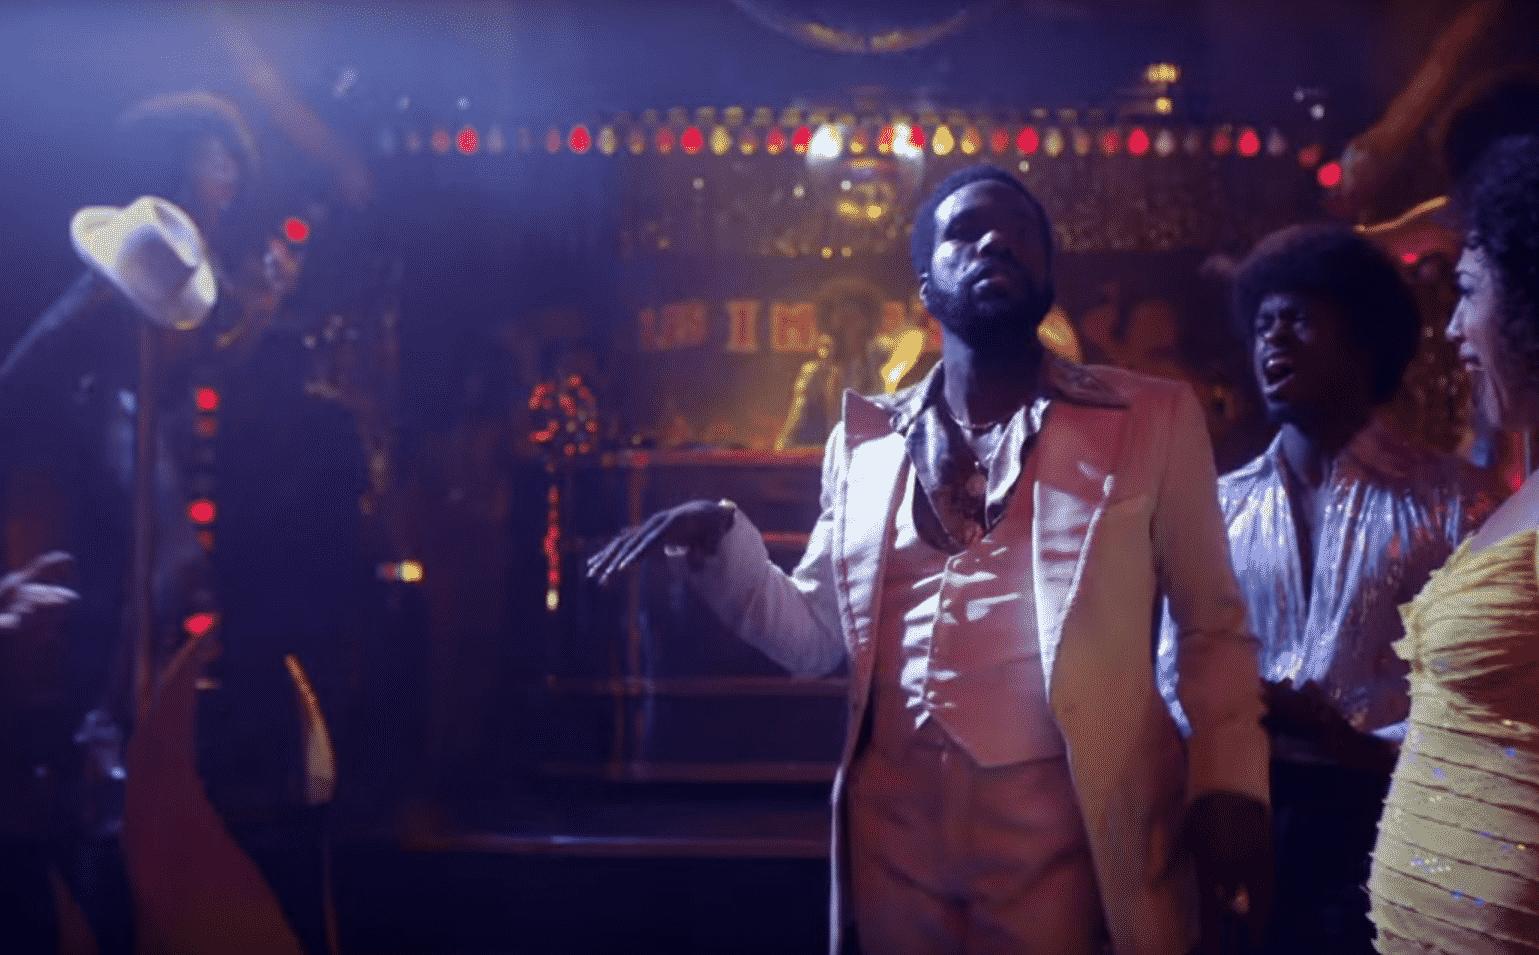 Los villanos en The Get Down no son clichés, pero tampoco una representación completamente realista de la época